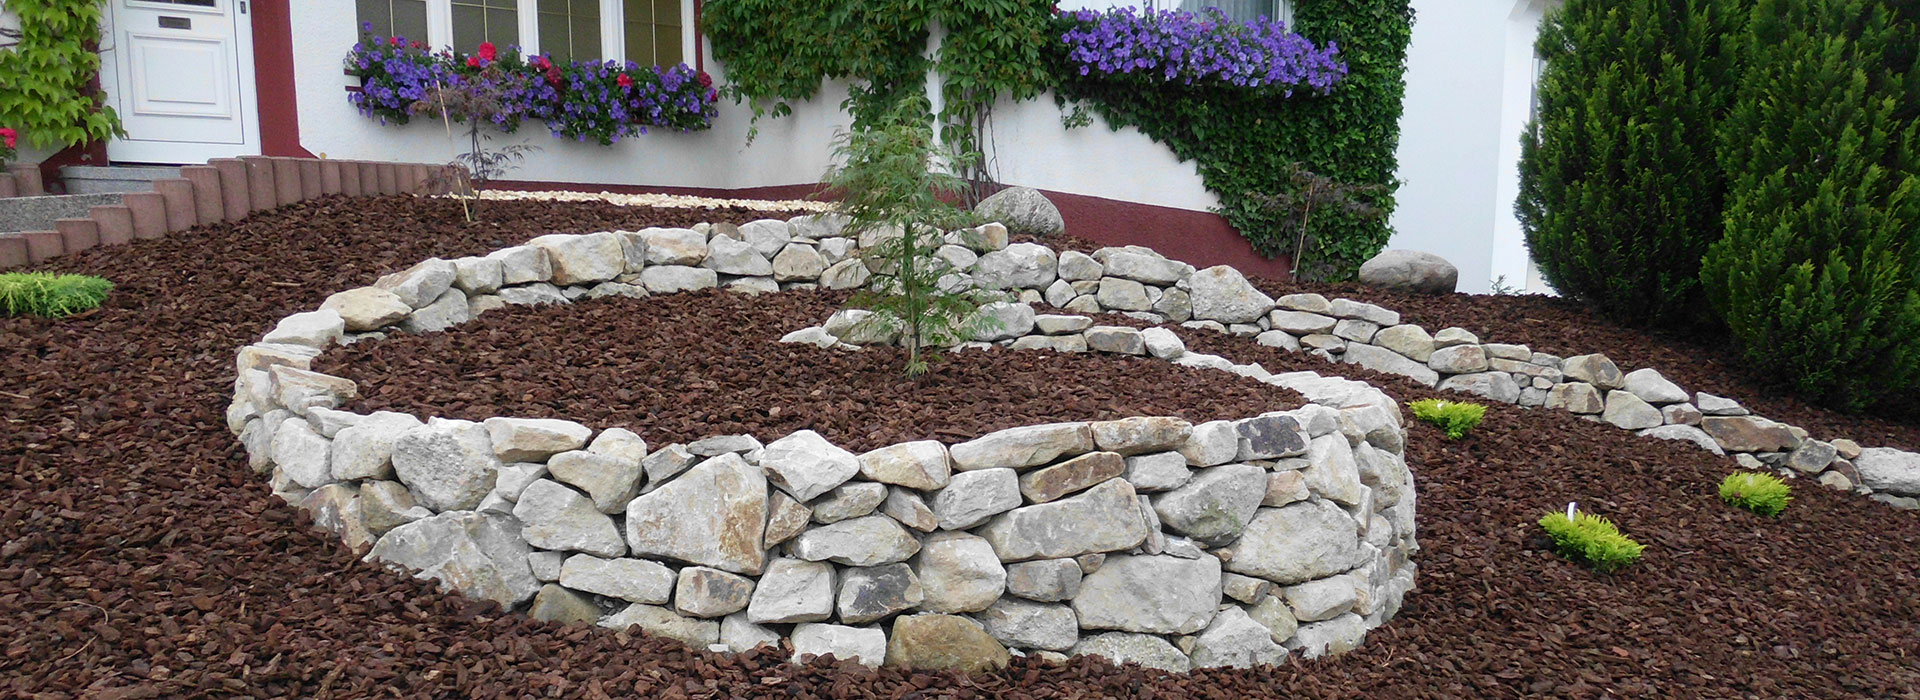 natursteine_003